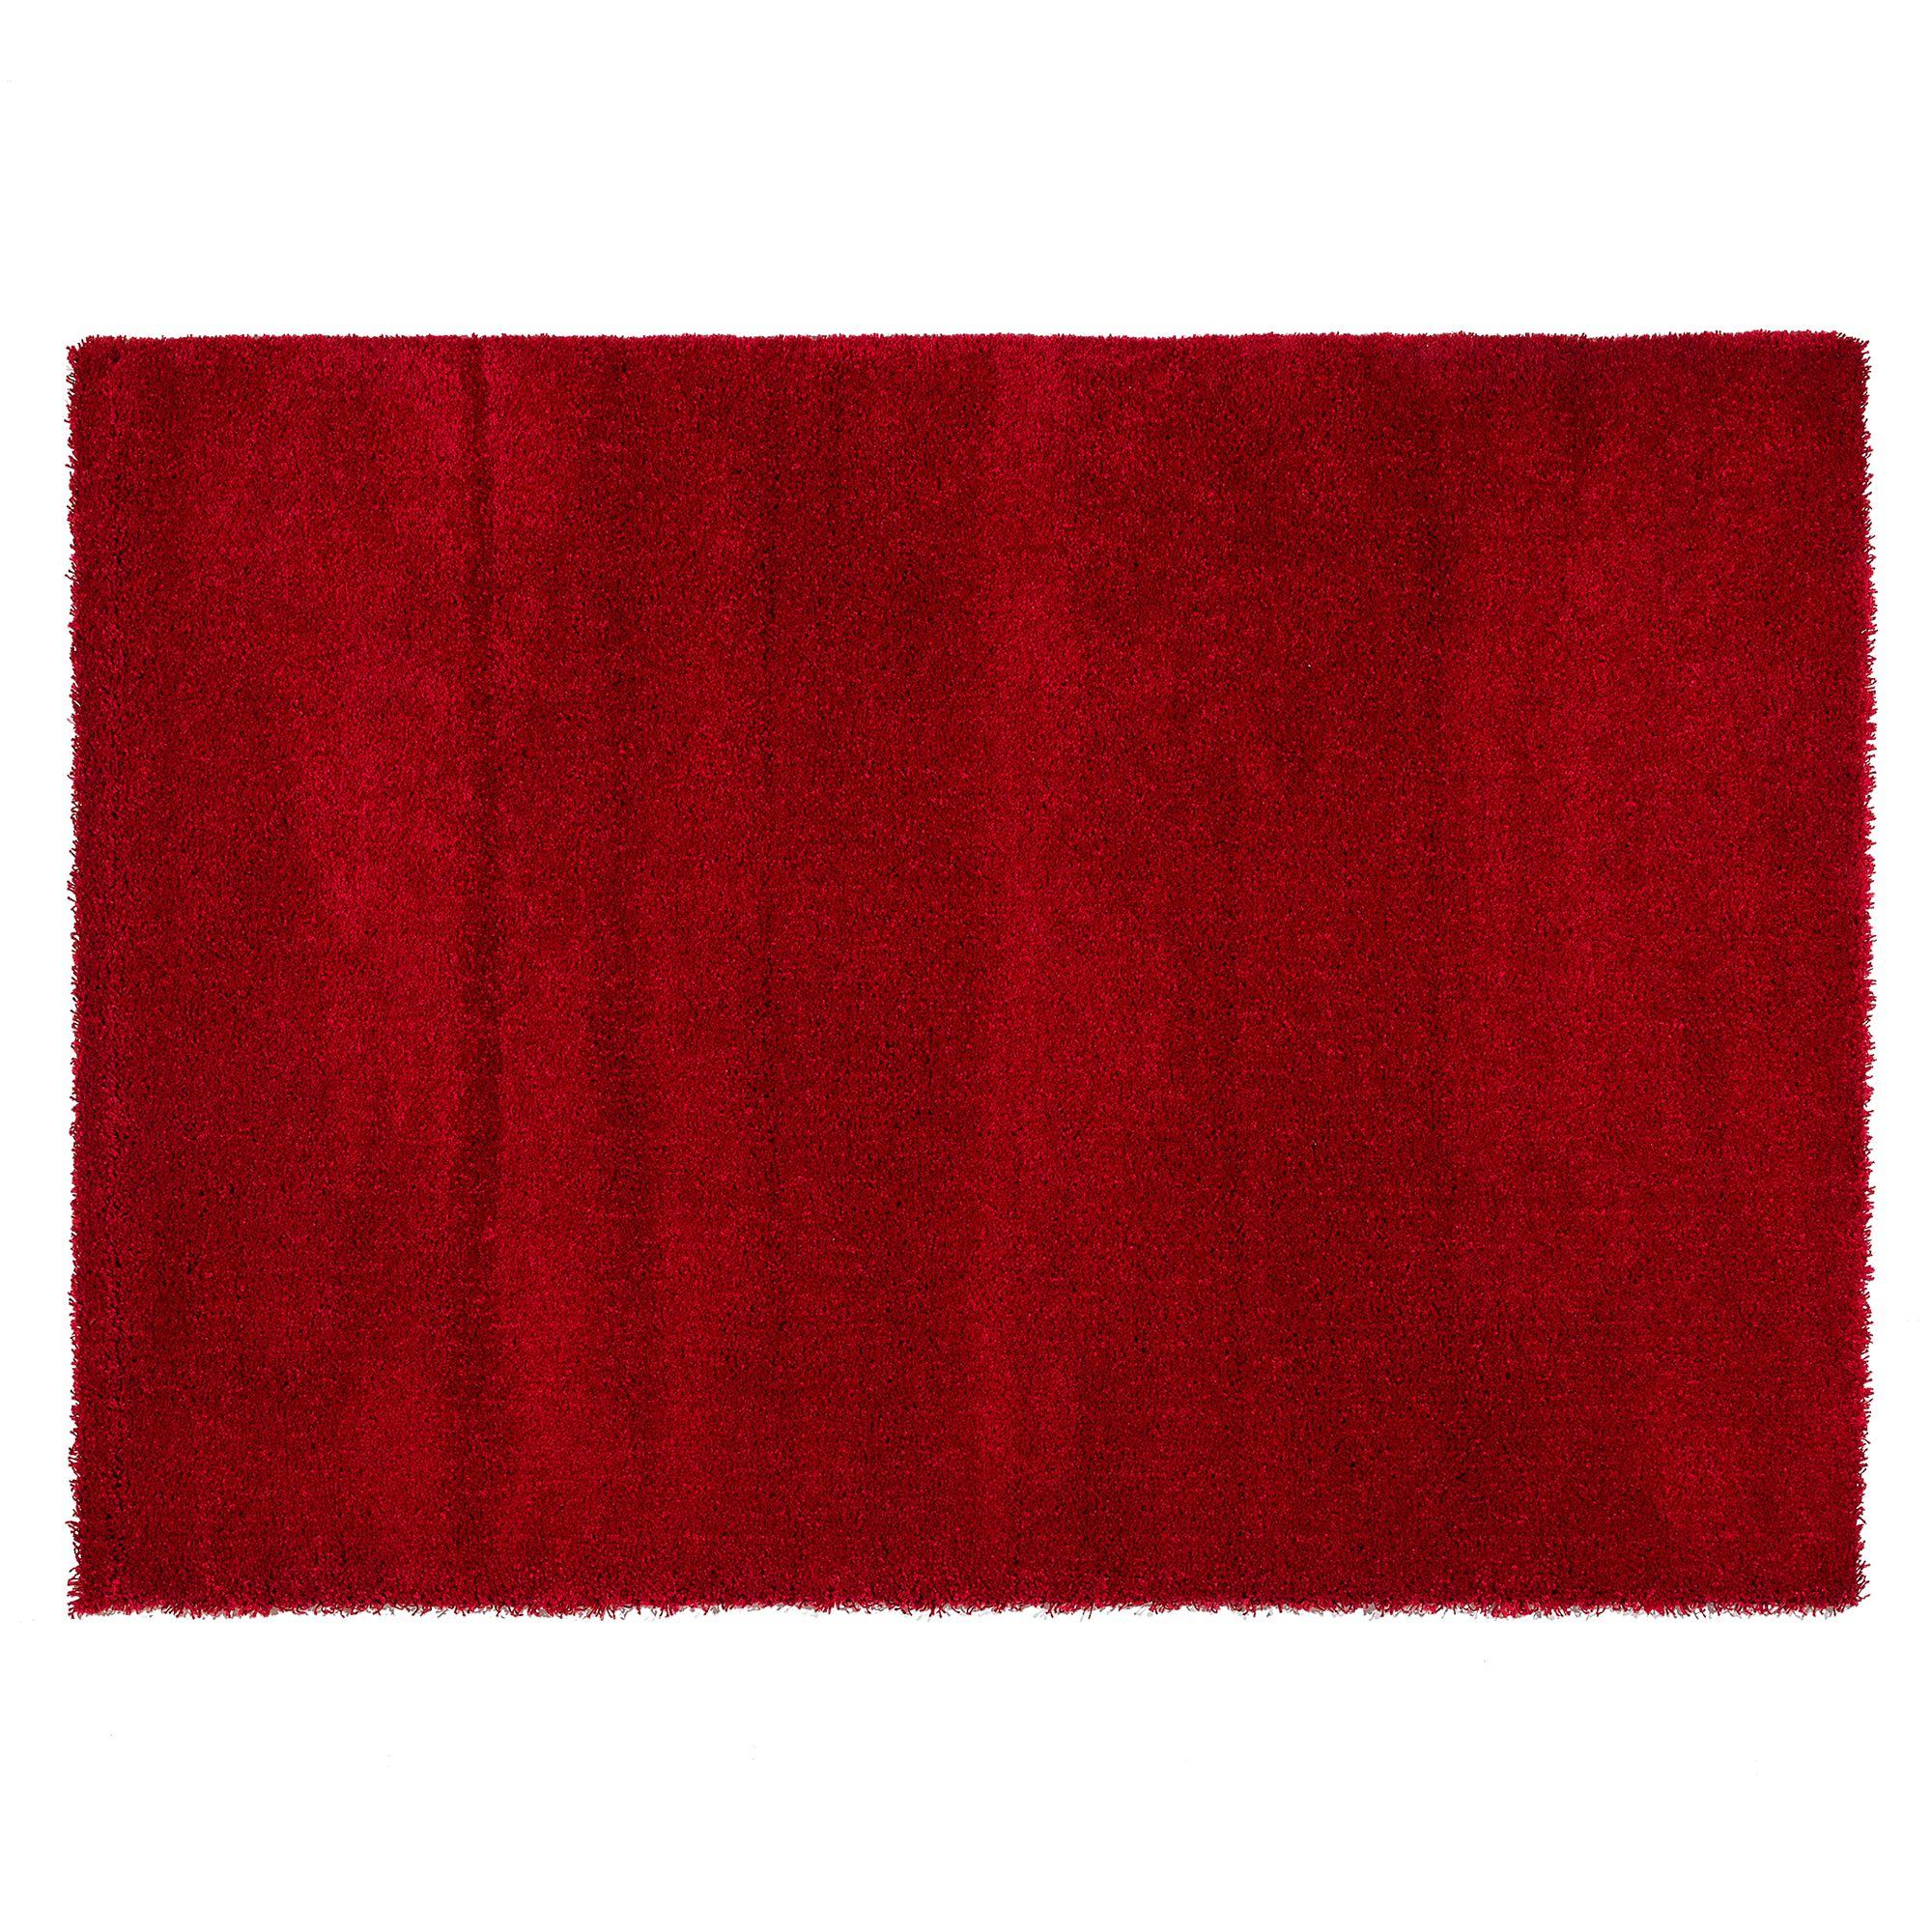 Tapis 170x120 rouge Tapis chambre & salon Tapis Textile